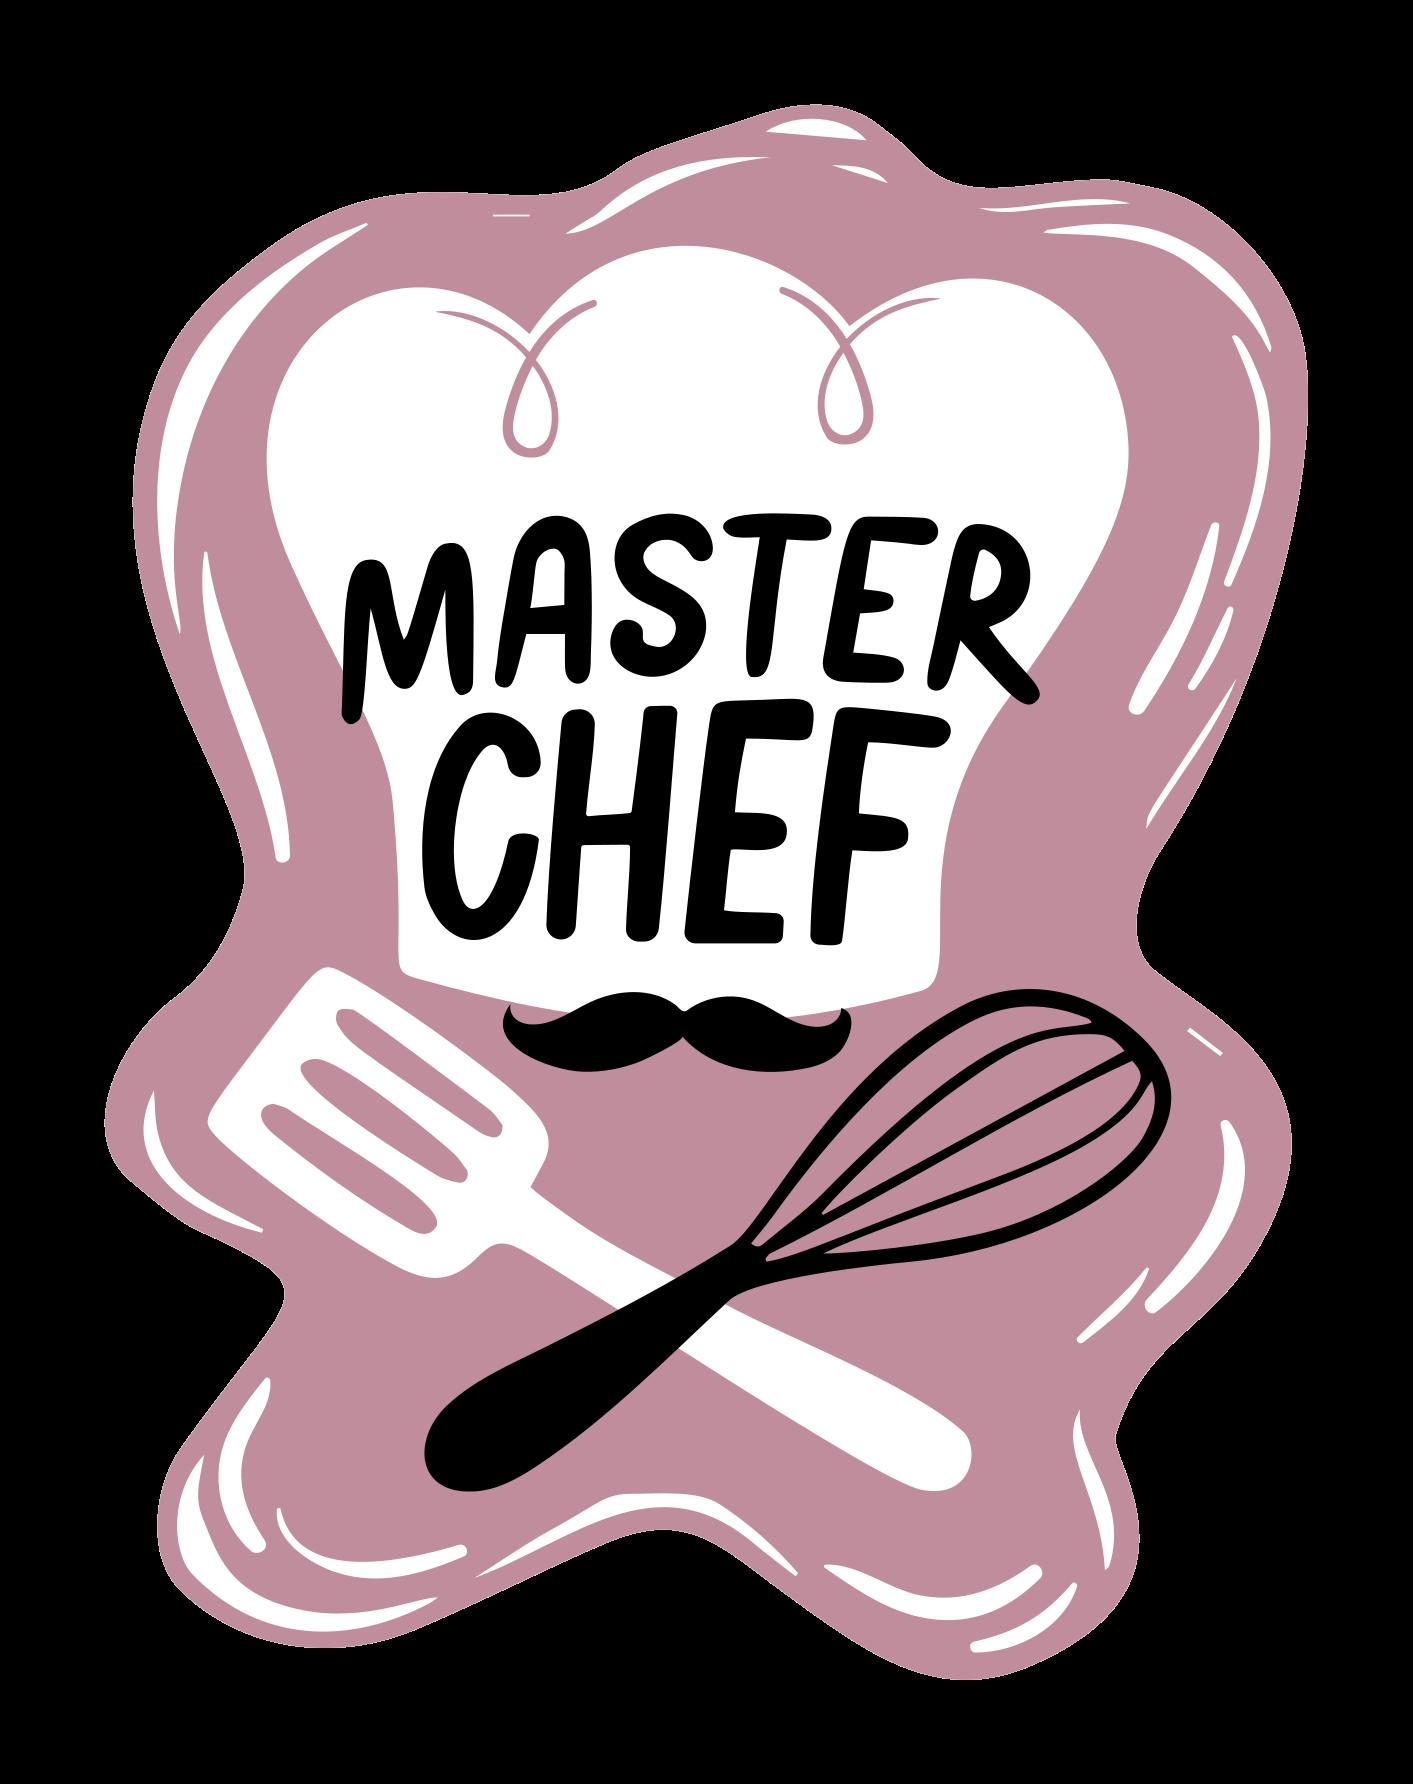 TenVinilo. Alfombra vinilo cocina de Master Chef. Si desea decorar su cocina, ¡Obtenga esta alfombra vinilo cocina para cocinar hoy y conviértase en un gran chef! ¡Envío exprés!